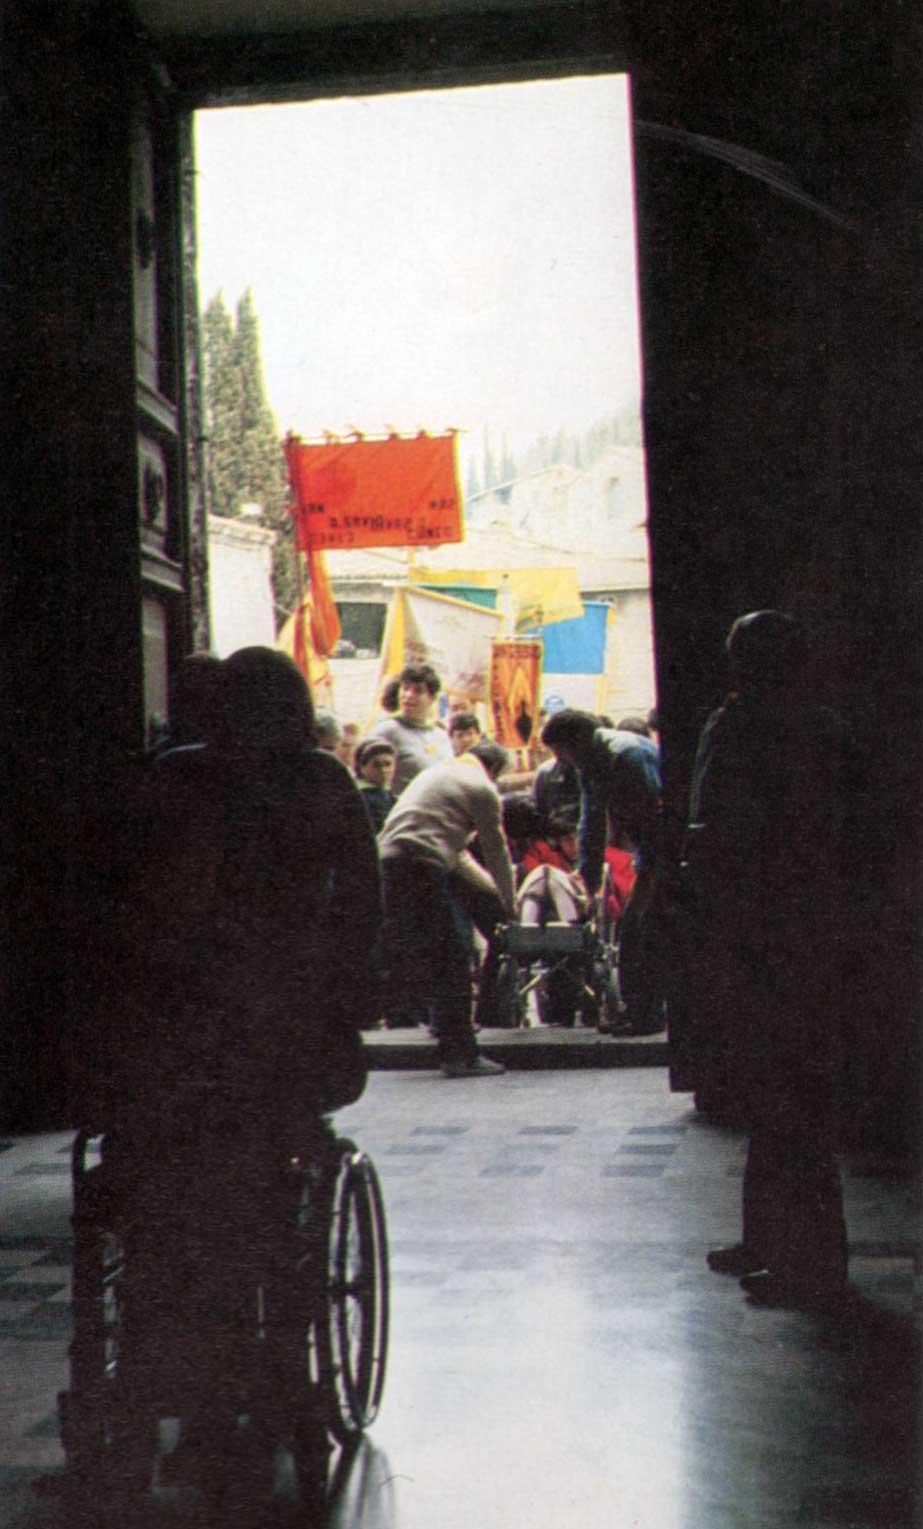 021 - Le foto del pellegrinaggio di Assisi 1986 - Ombre e Luci n.14, 1986